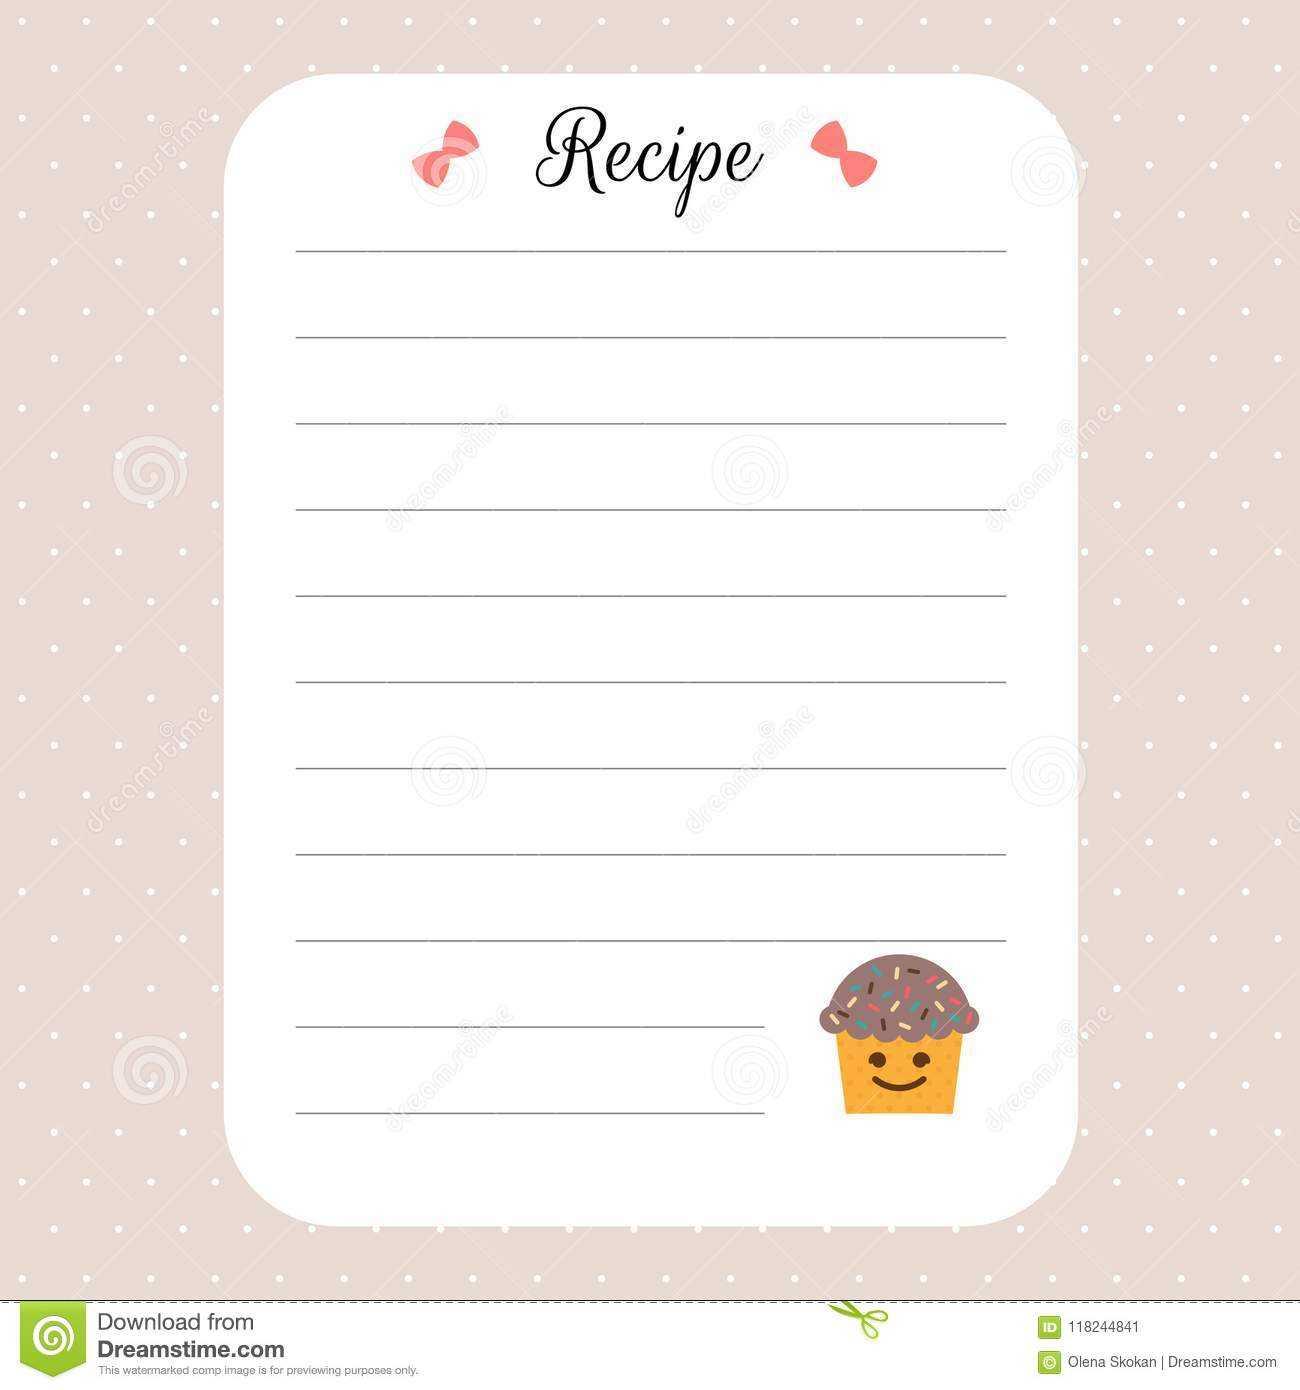 Recipe Card Template. Cookbook Template Page. For Restaurant Regarding Restaurant Recipe Card Template